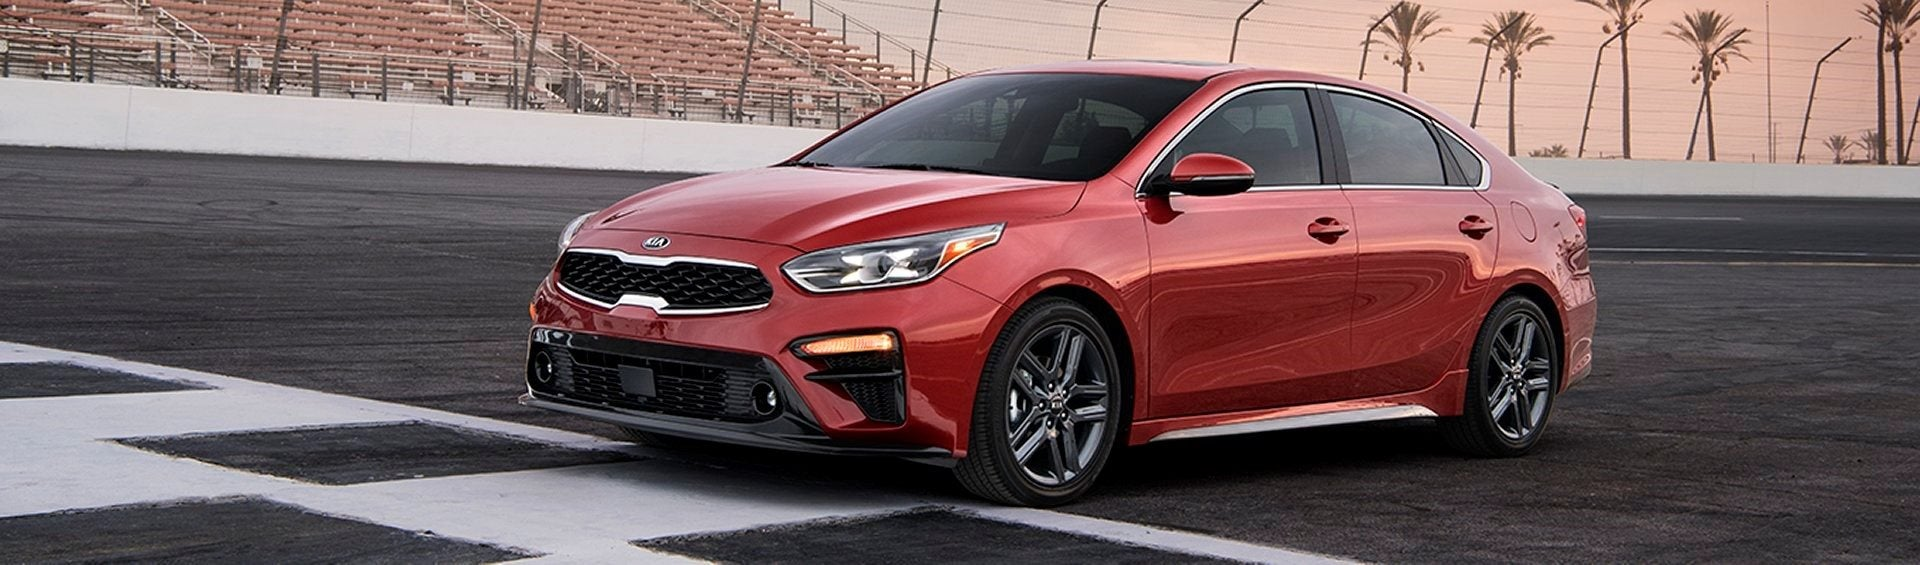 2019 Kia Model Preview